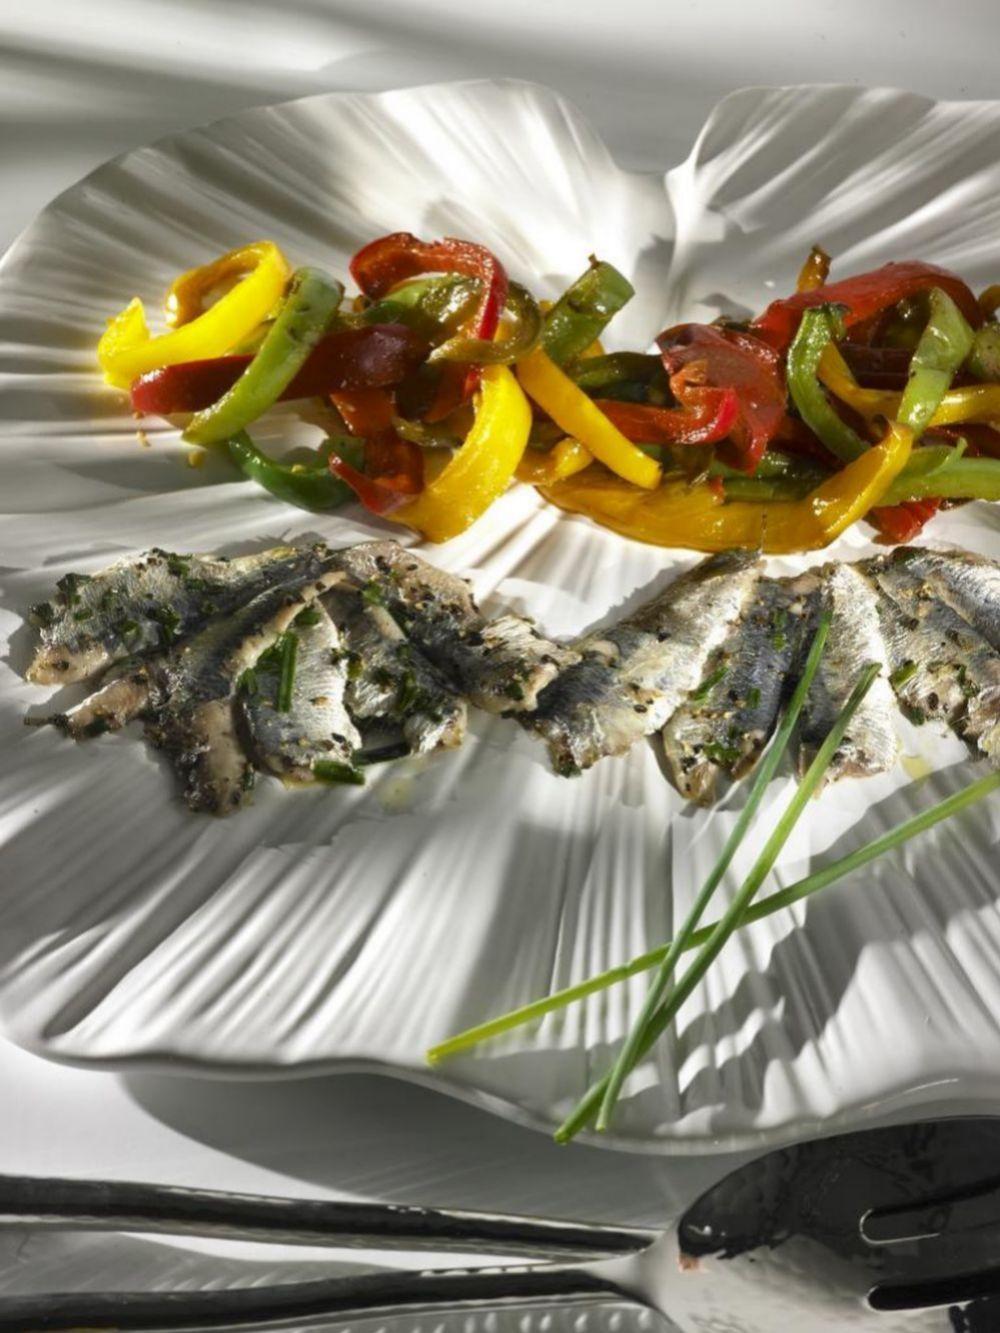 Pescados grasos y vegetales son pilares de esta dieta.